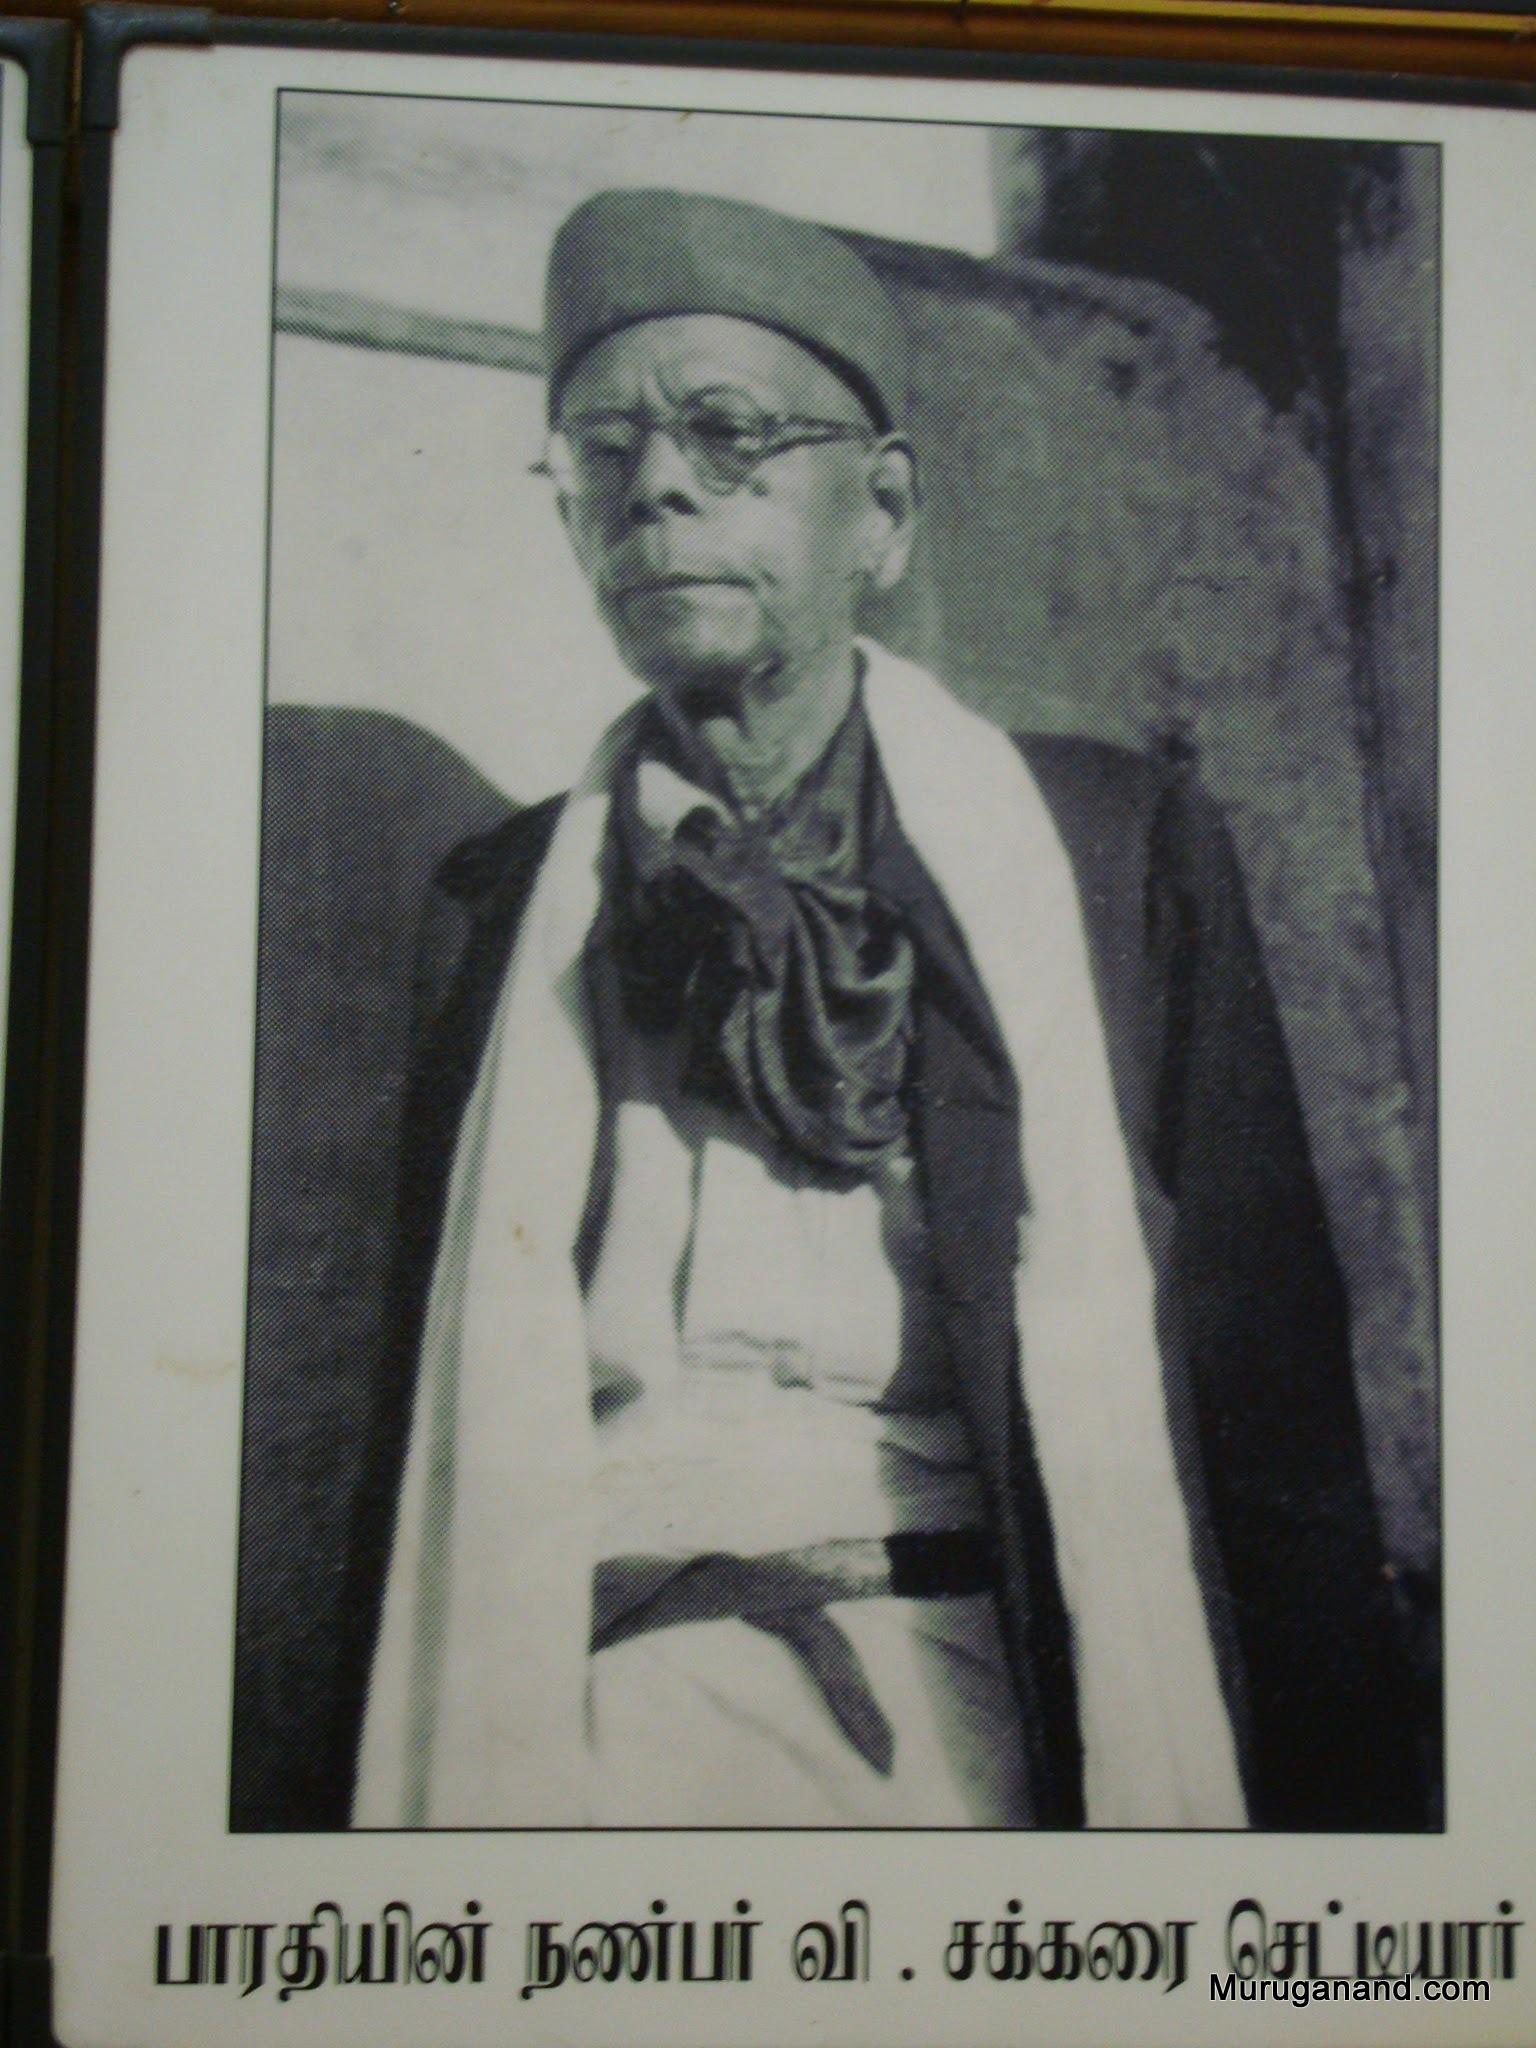 Mr. Chettiar attended Bharati's funeral